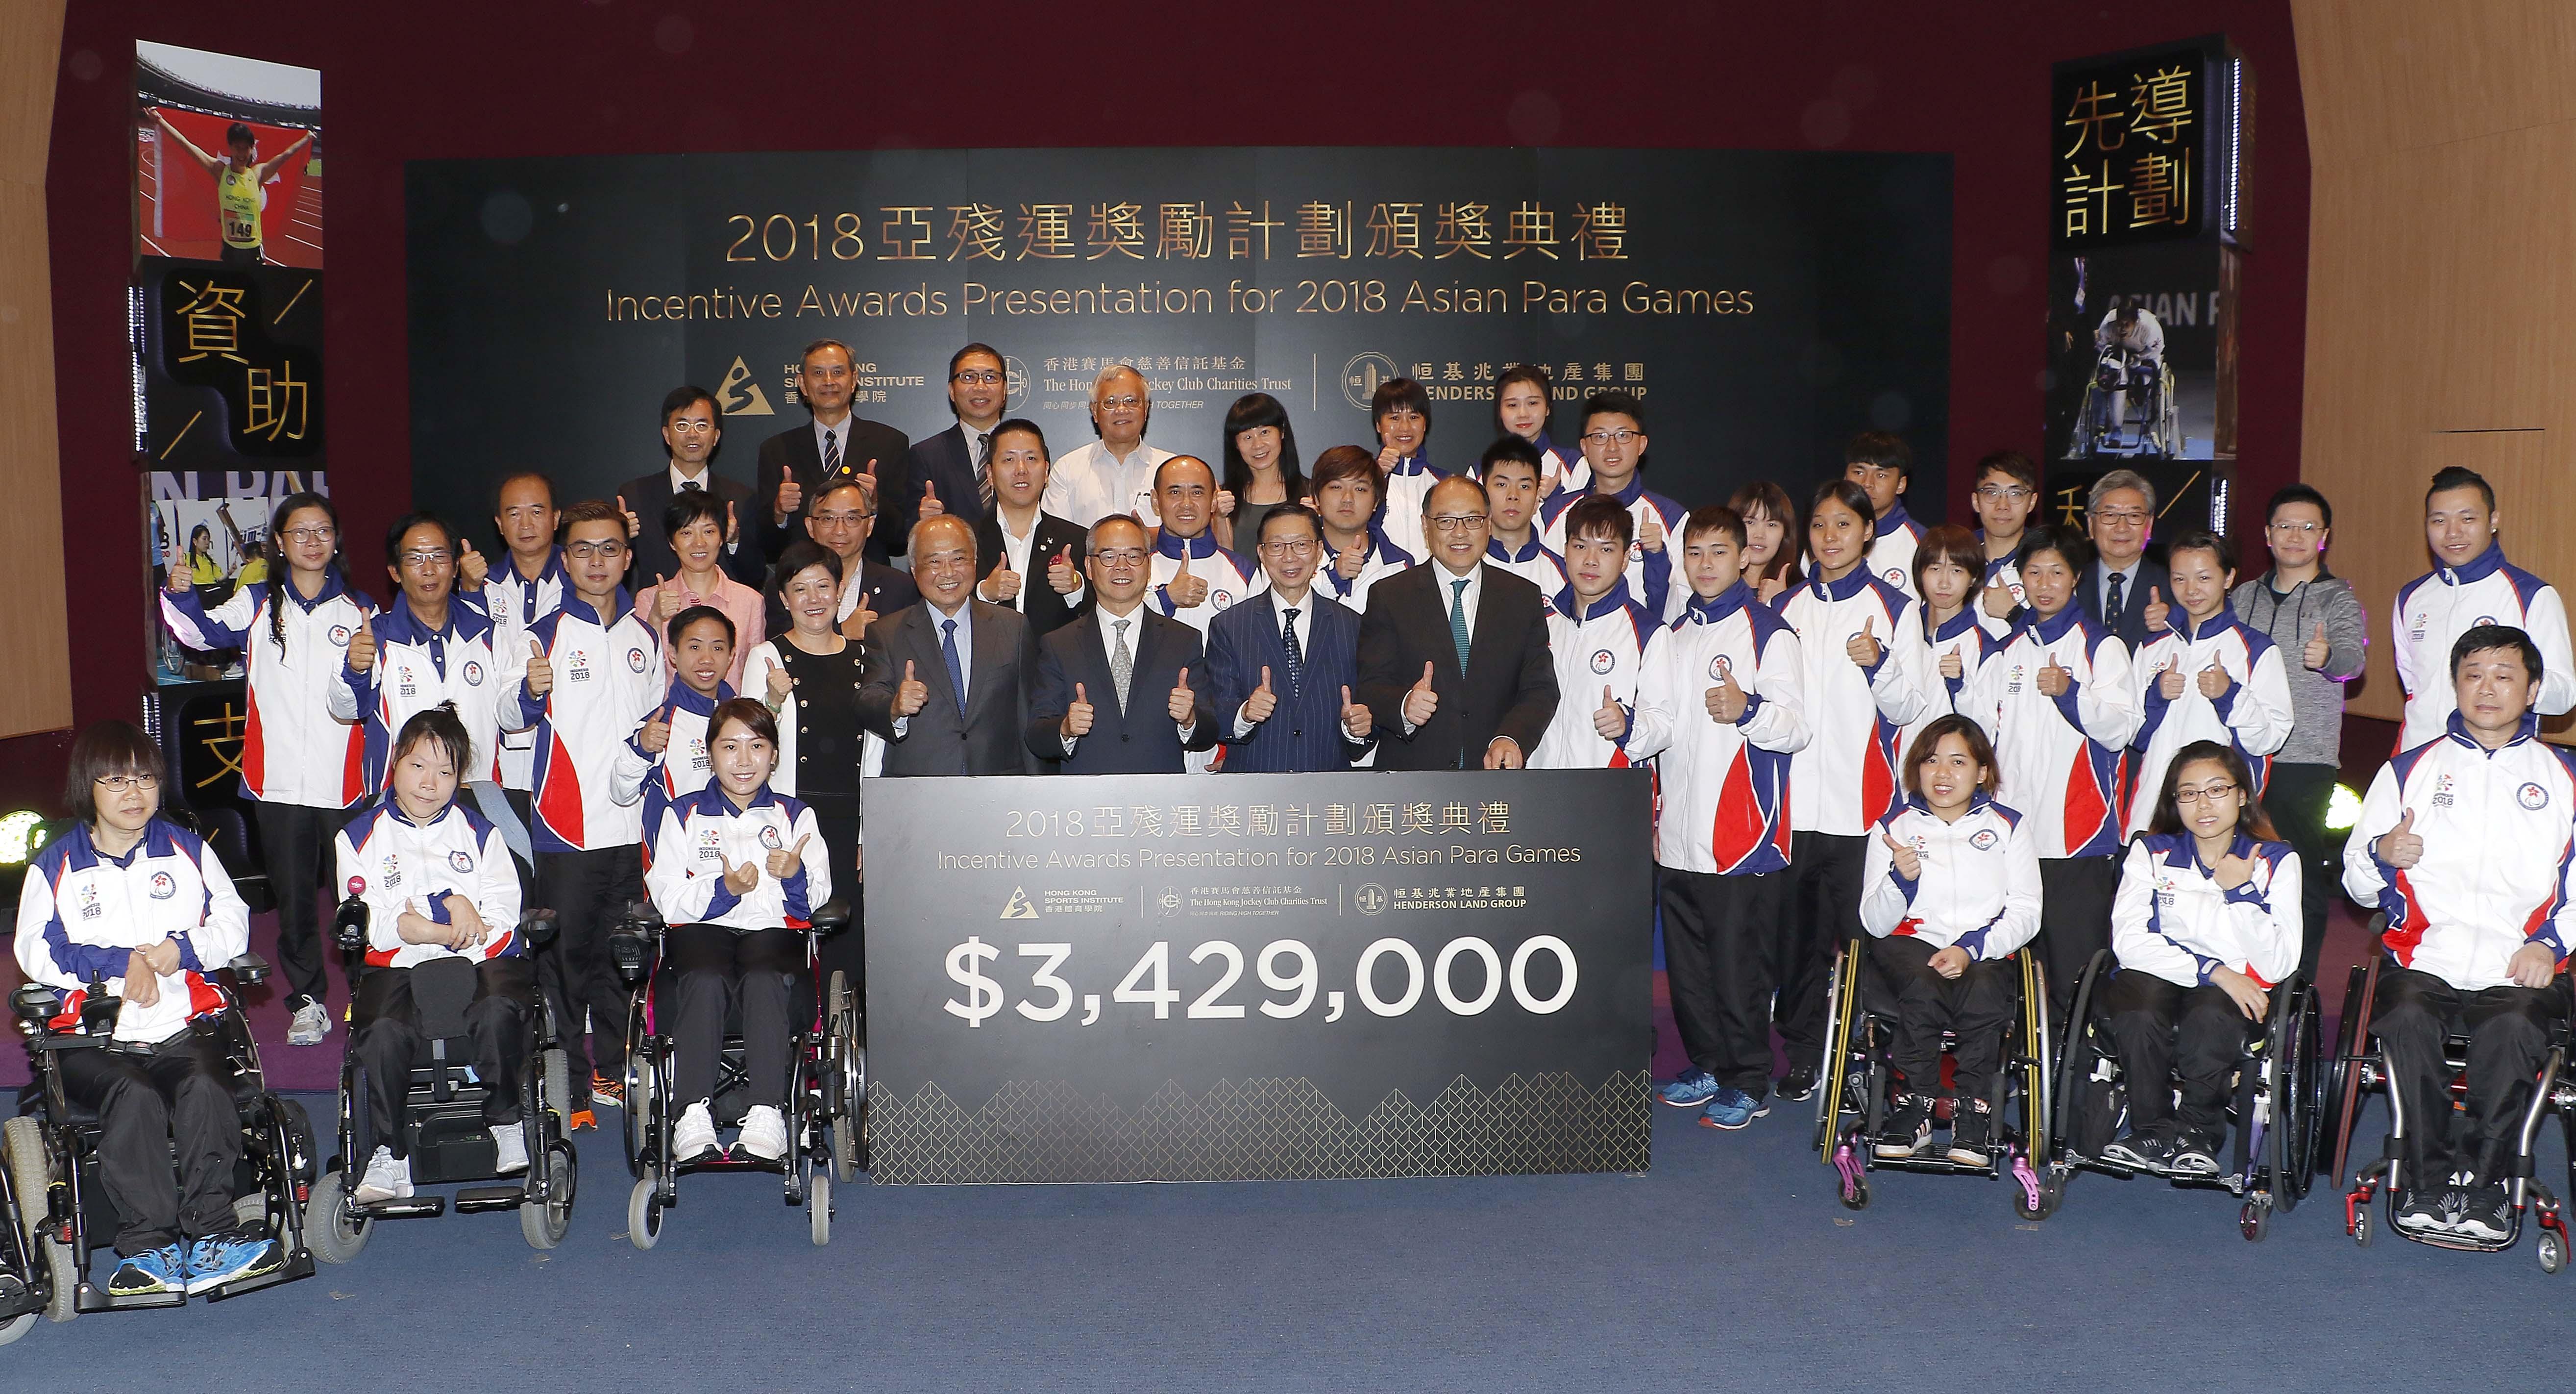 亞殘運港將獲頒逾三百四十萬港元獎金。相片由公關提供